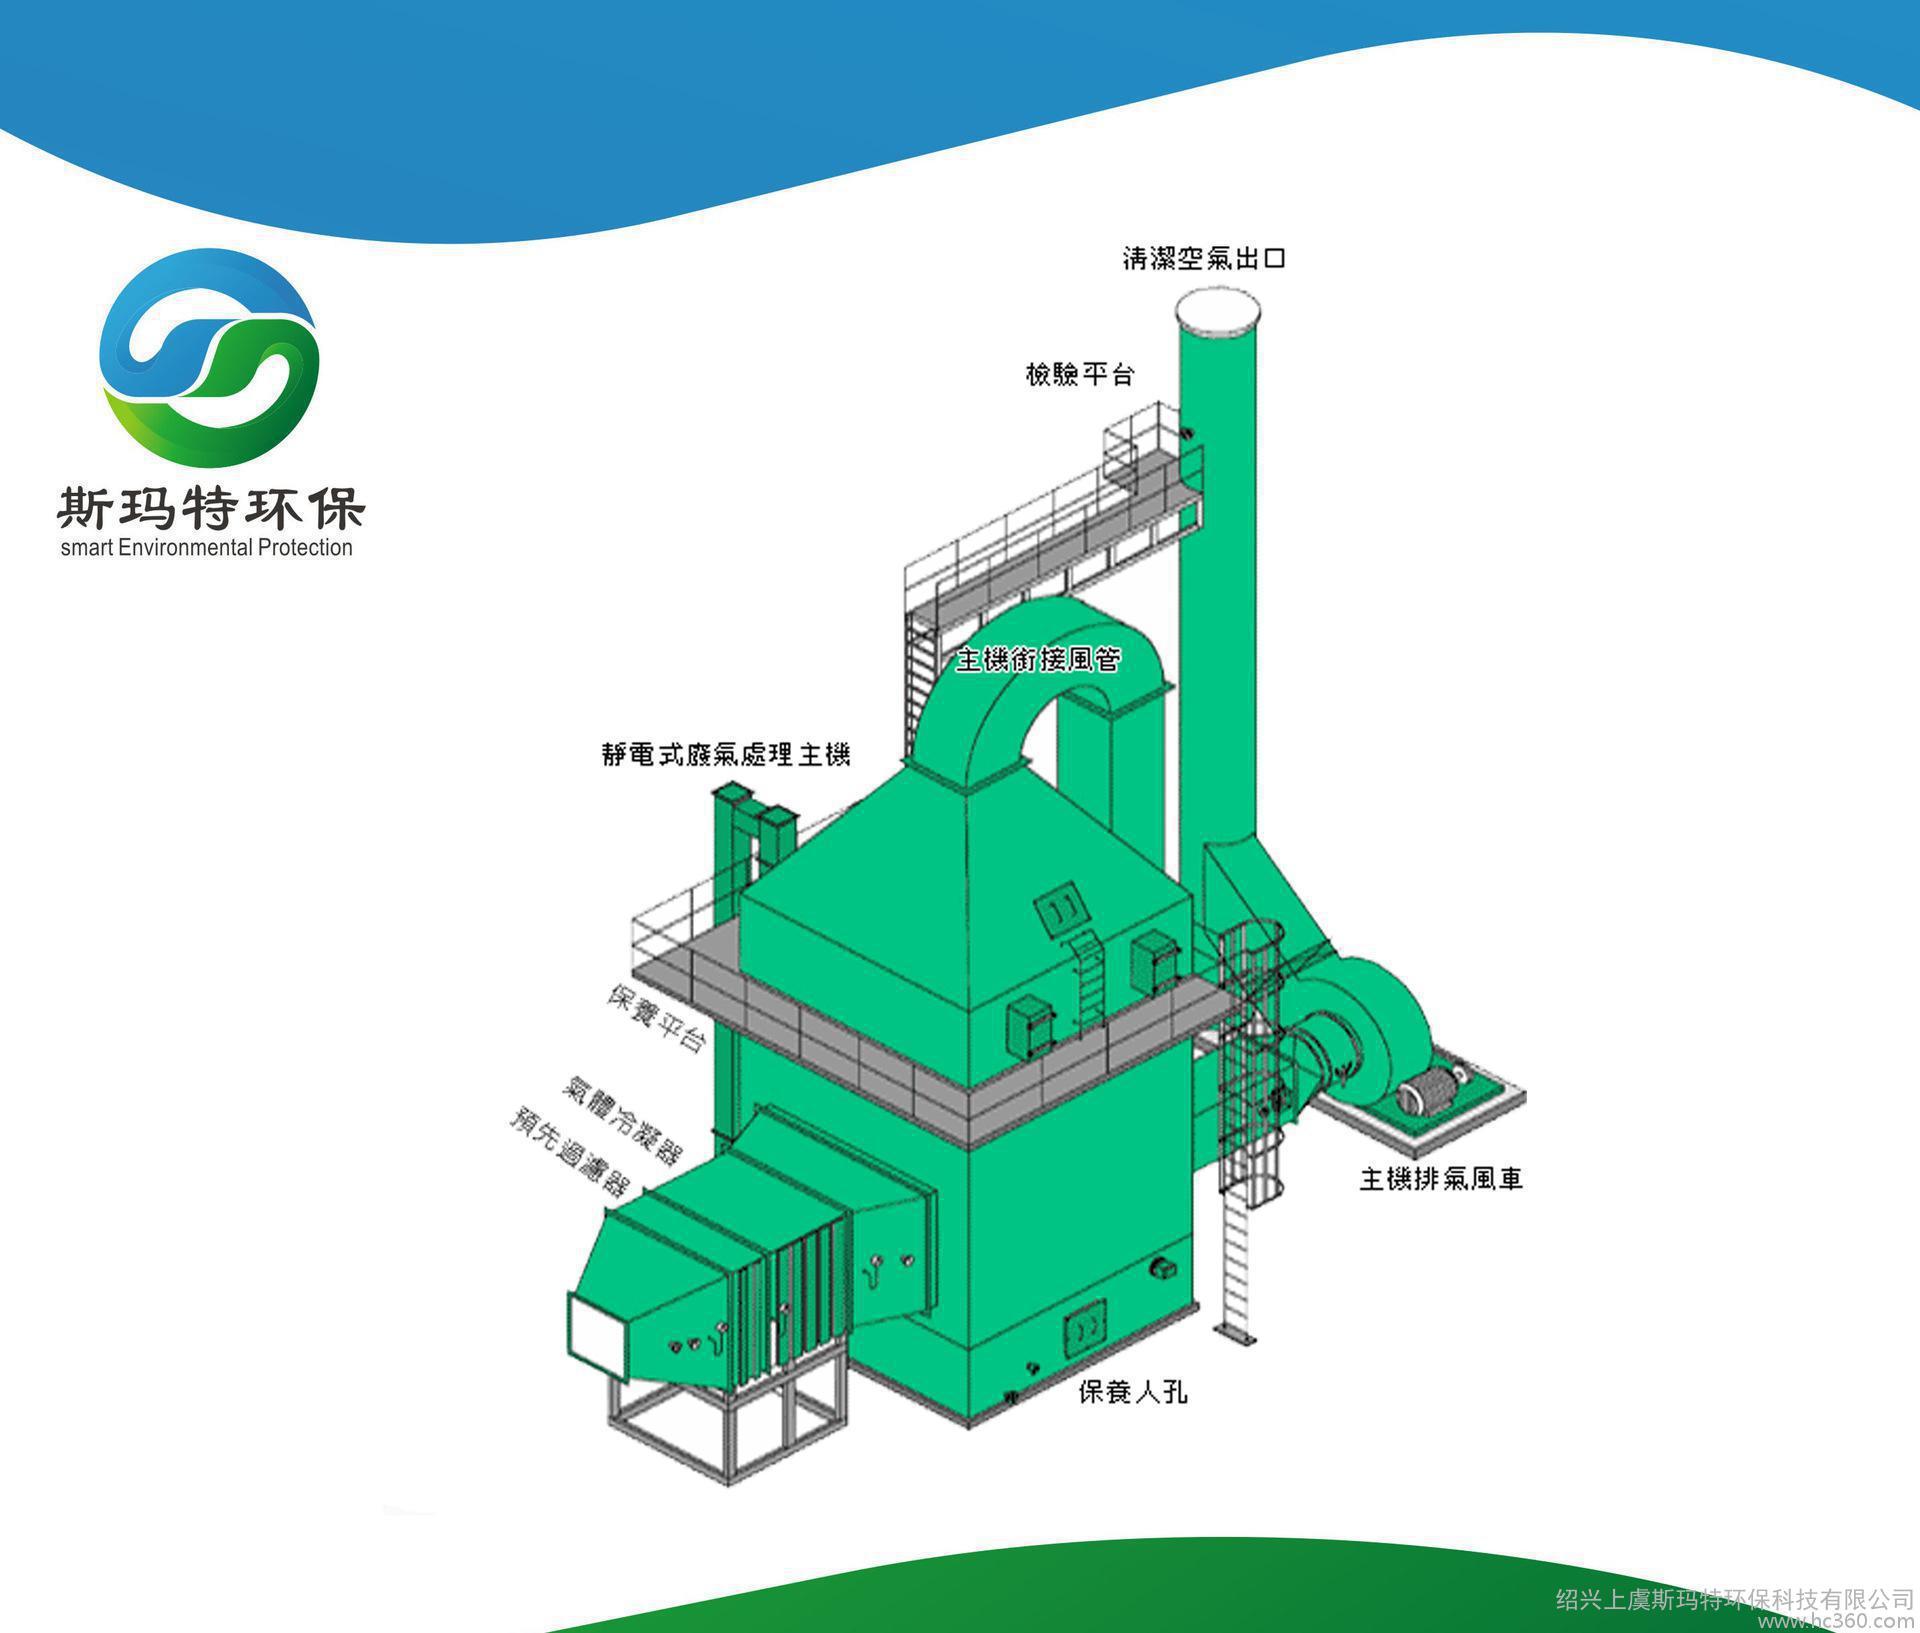 斯玛特定型机净化专业系列,定型机尾气收集装置,定型机尾气处理器,定型机废气治理